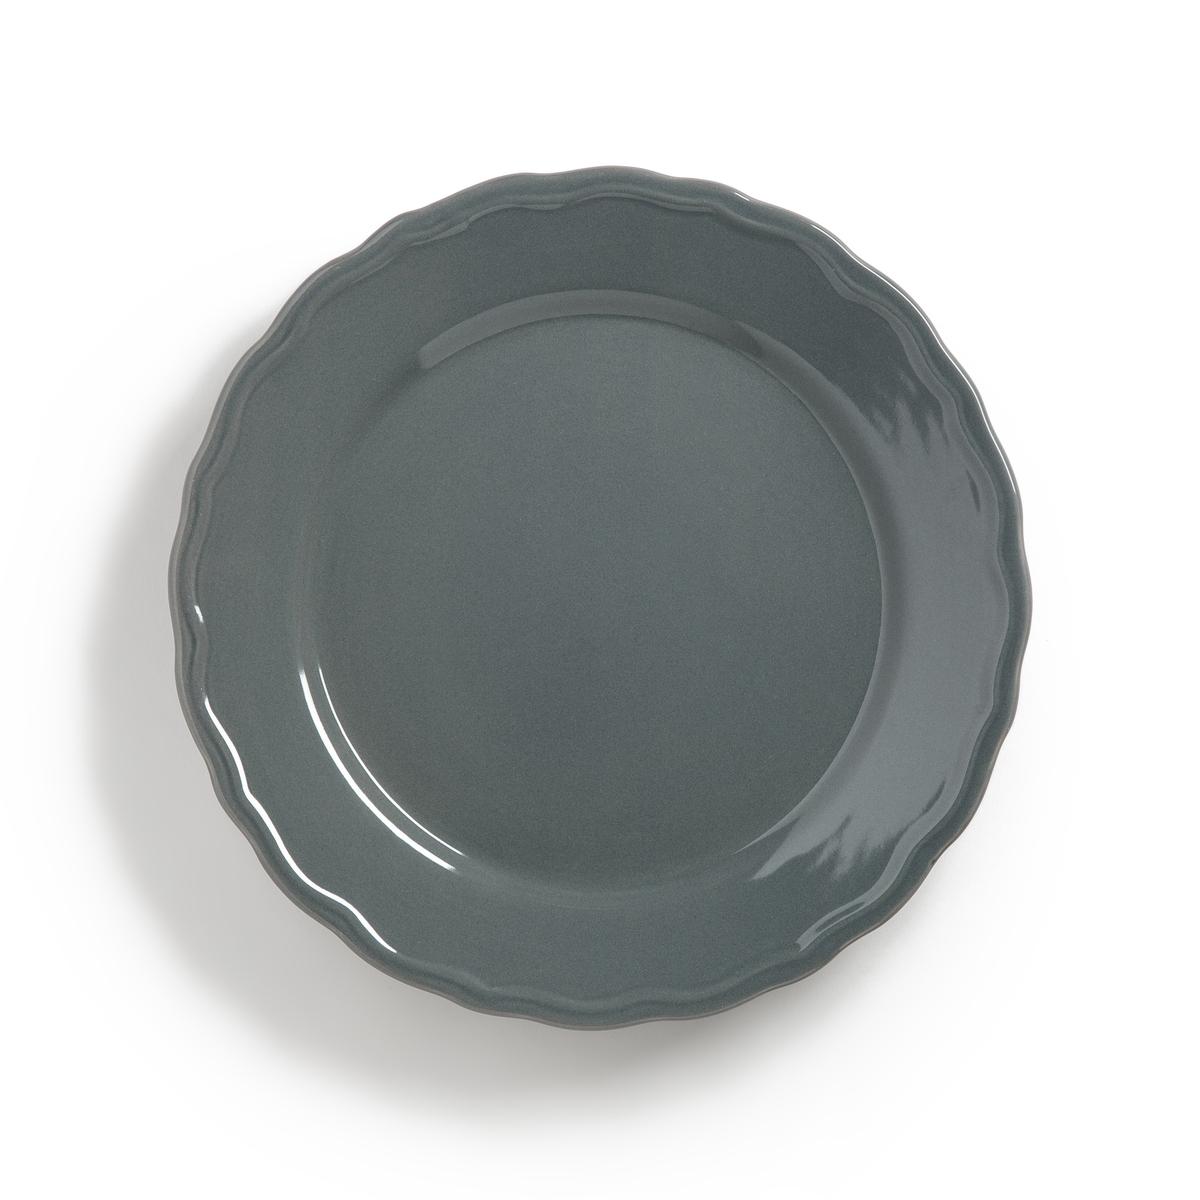 Комплект из 4 плоских тарелок с отделкой фестоном, AJILAОписание:4 тарелки плоские с отделкой фестоном Ajila. Завтрак, обед или ужин, La Redoute Int?rieurs Вас приглашает к столу.Характеристики 4 тарелок плоских с отделкой фестоном Ajila : •  Из фаянса, зубчатая кромка •  Диаметр 26,5 см •  Подходит для мытья в посудомоечной машине и использования в микроволновой печиДесертные и глубокие тарелки,чашки, кружки и блюдца Ajila продаются на нашем сайте laredoute.ru<br><br>Цвет: белый,темно-серый<br>Размер: единый размер